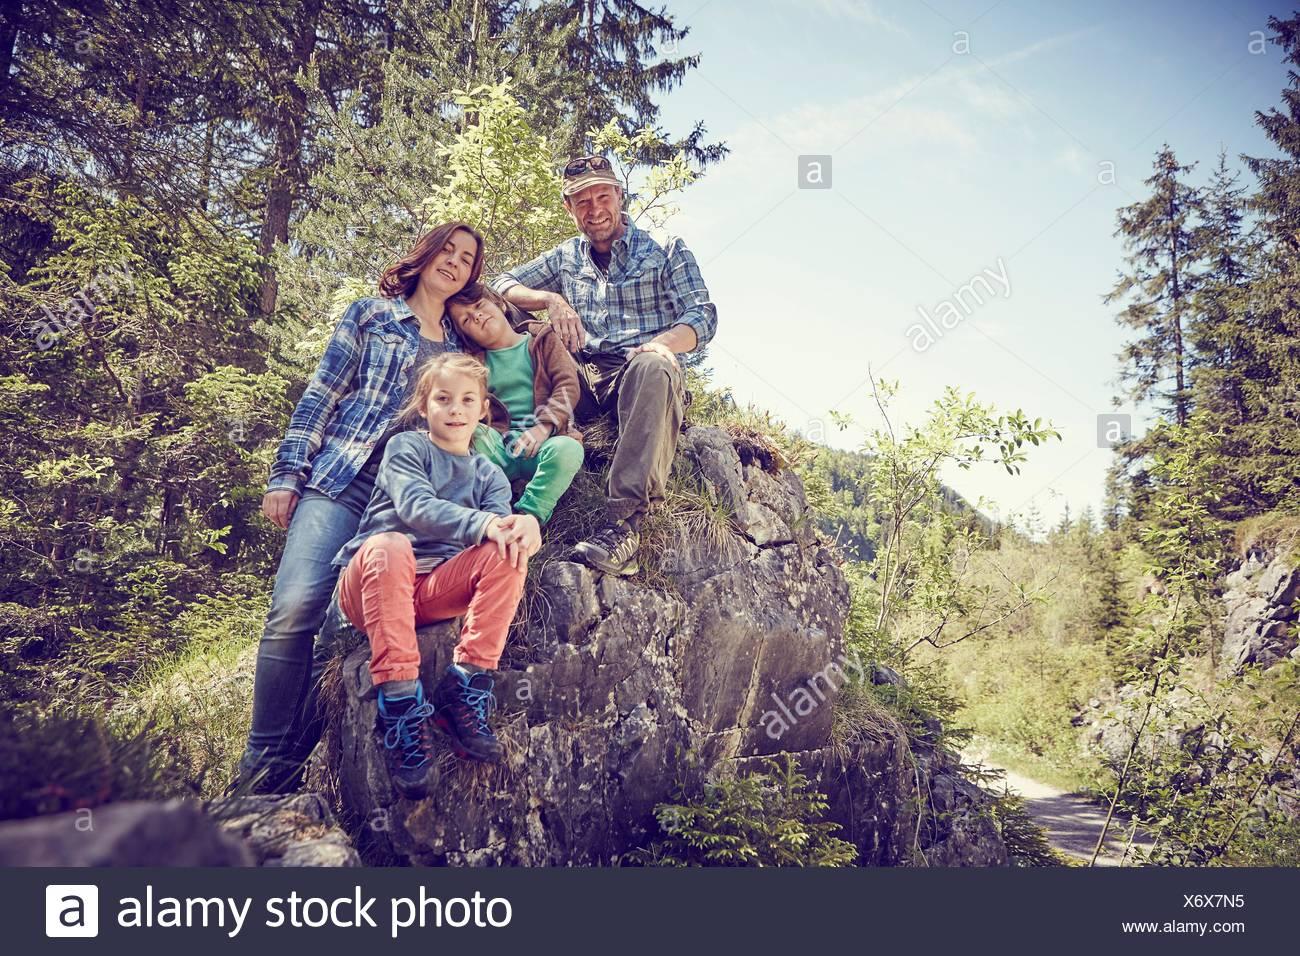 Ritratto di famiglia seduta su roccia nella foresta Immagini Stock